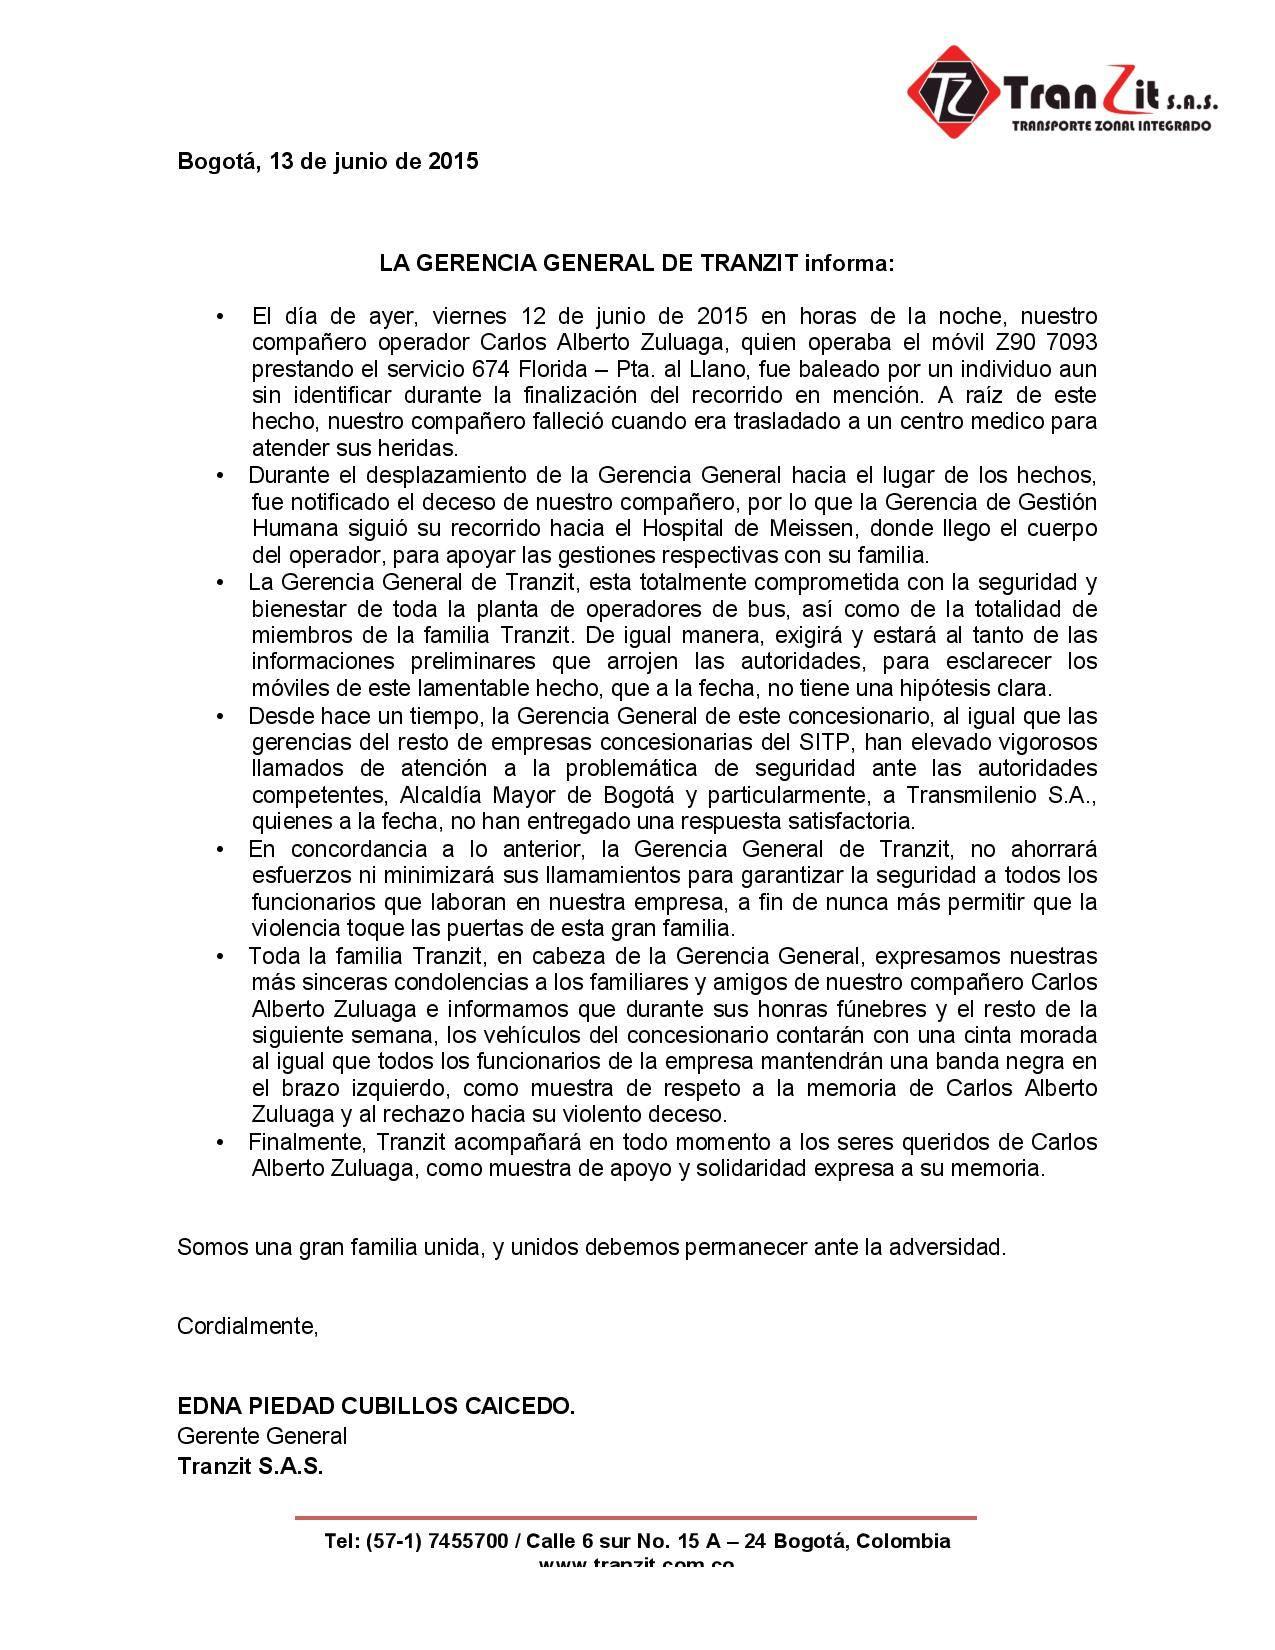 Tranzit informó través de los medios sobre la pérdida de Carlos Alberto Zuluaga